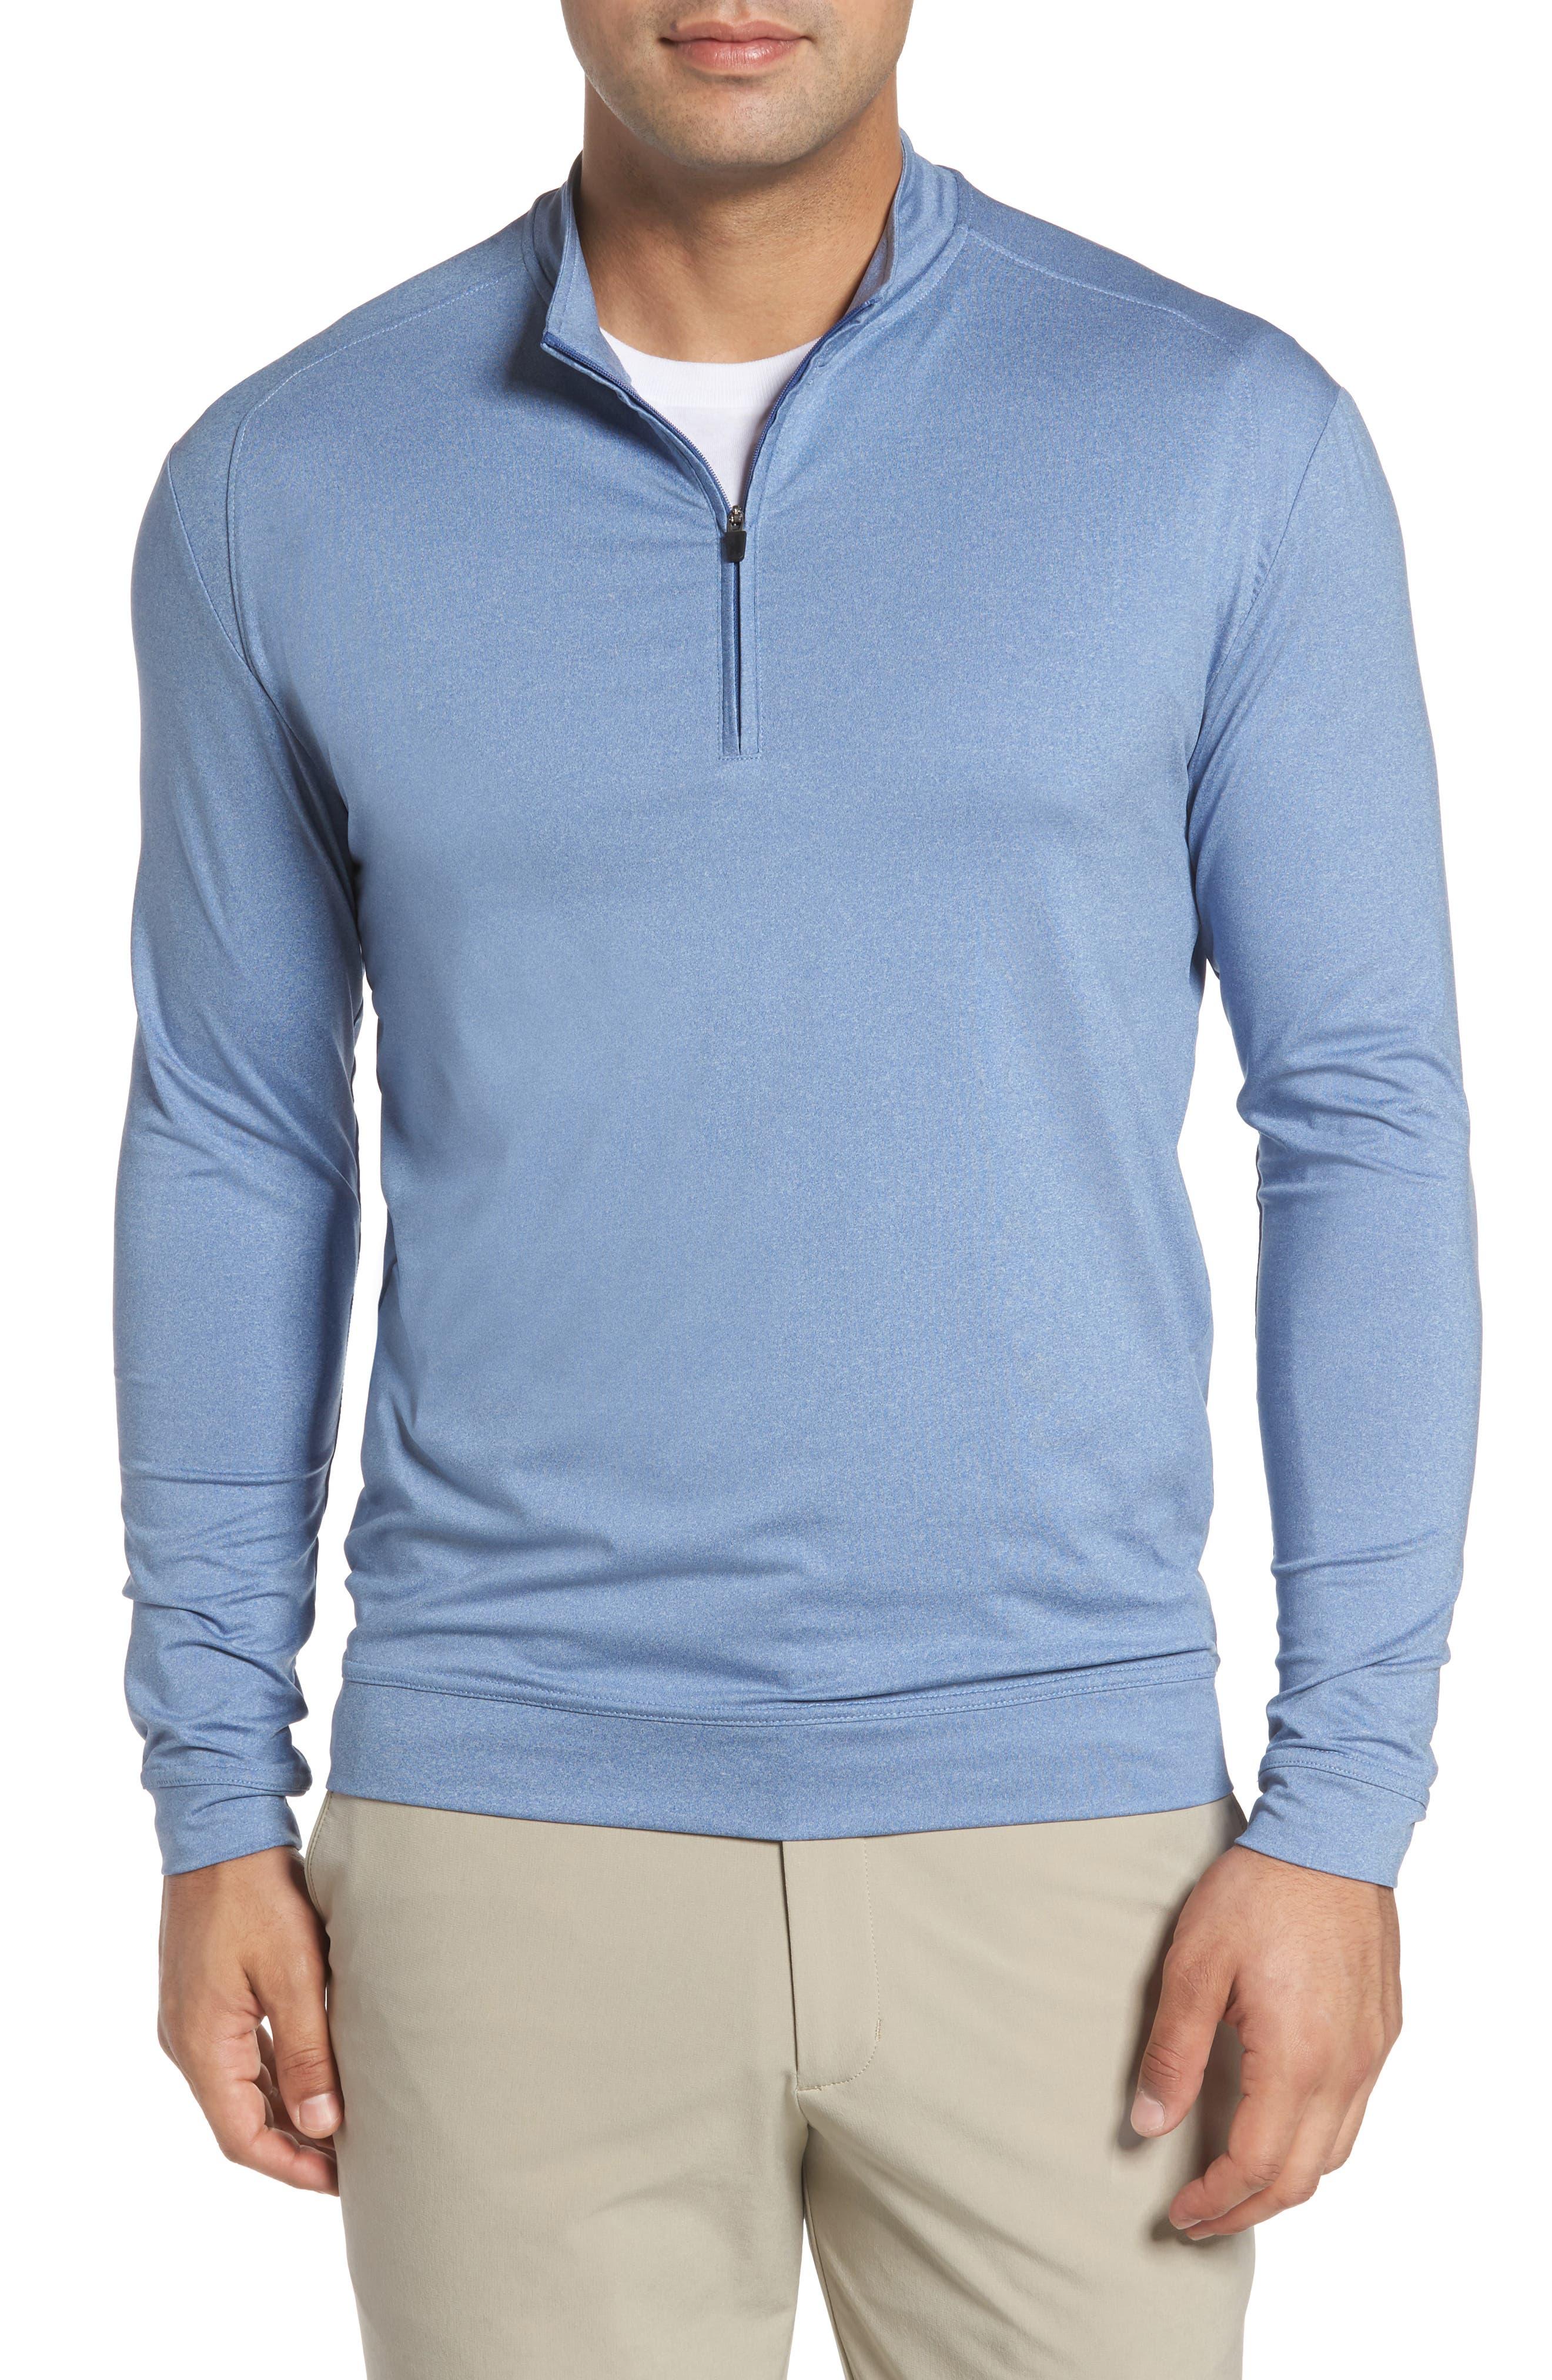 Johnnie-o Flex Classic Fit Quarter Zip Pullover In Laguna Blue